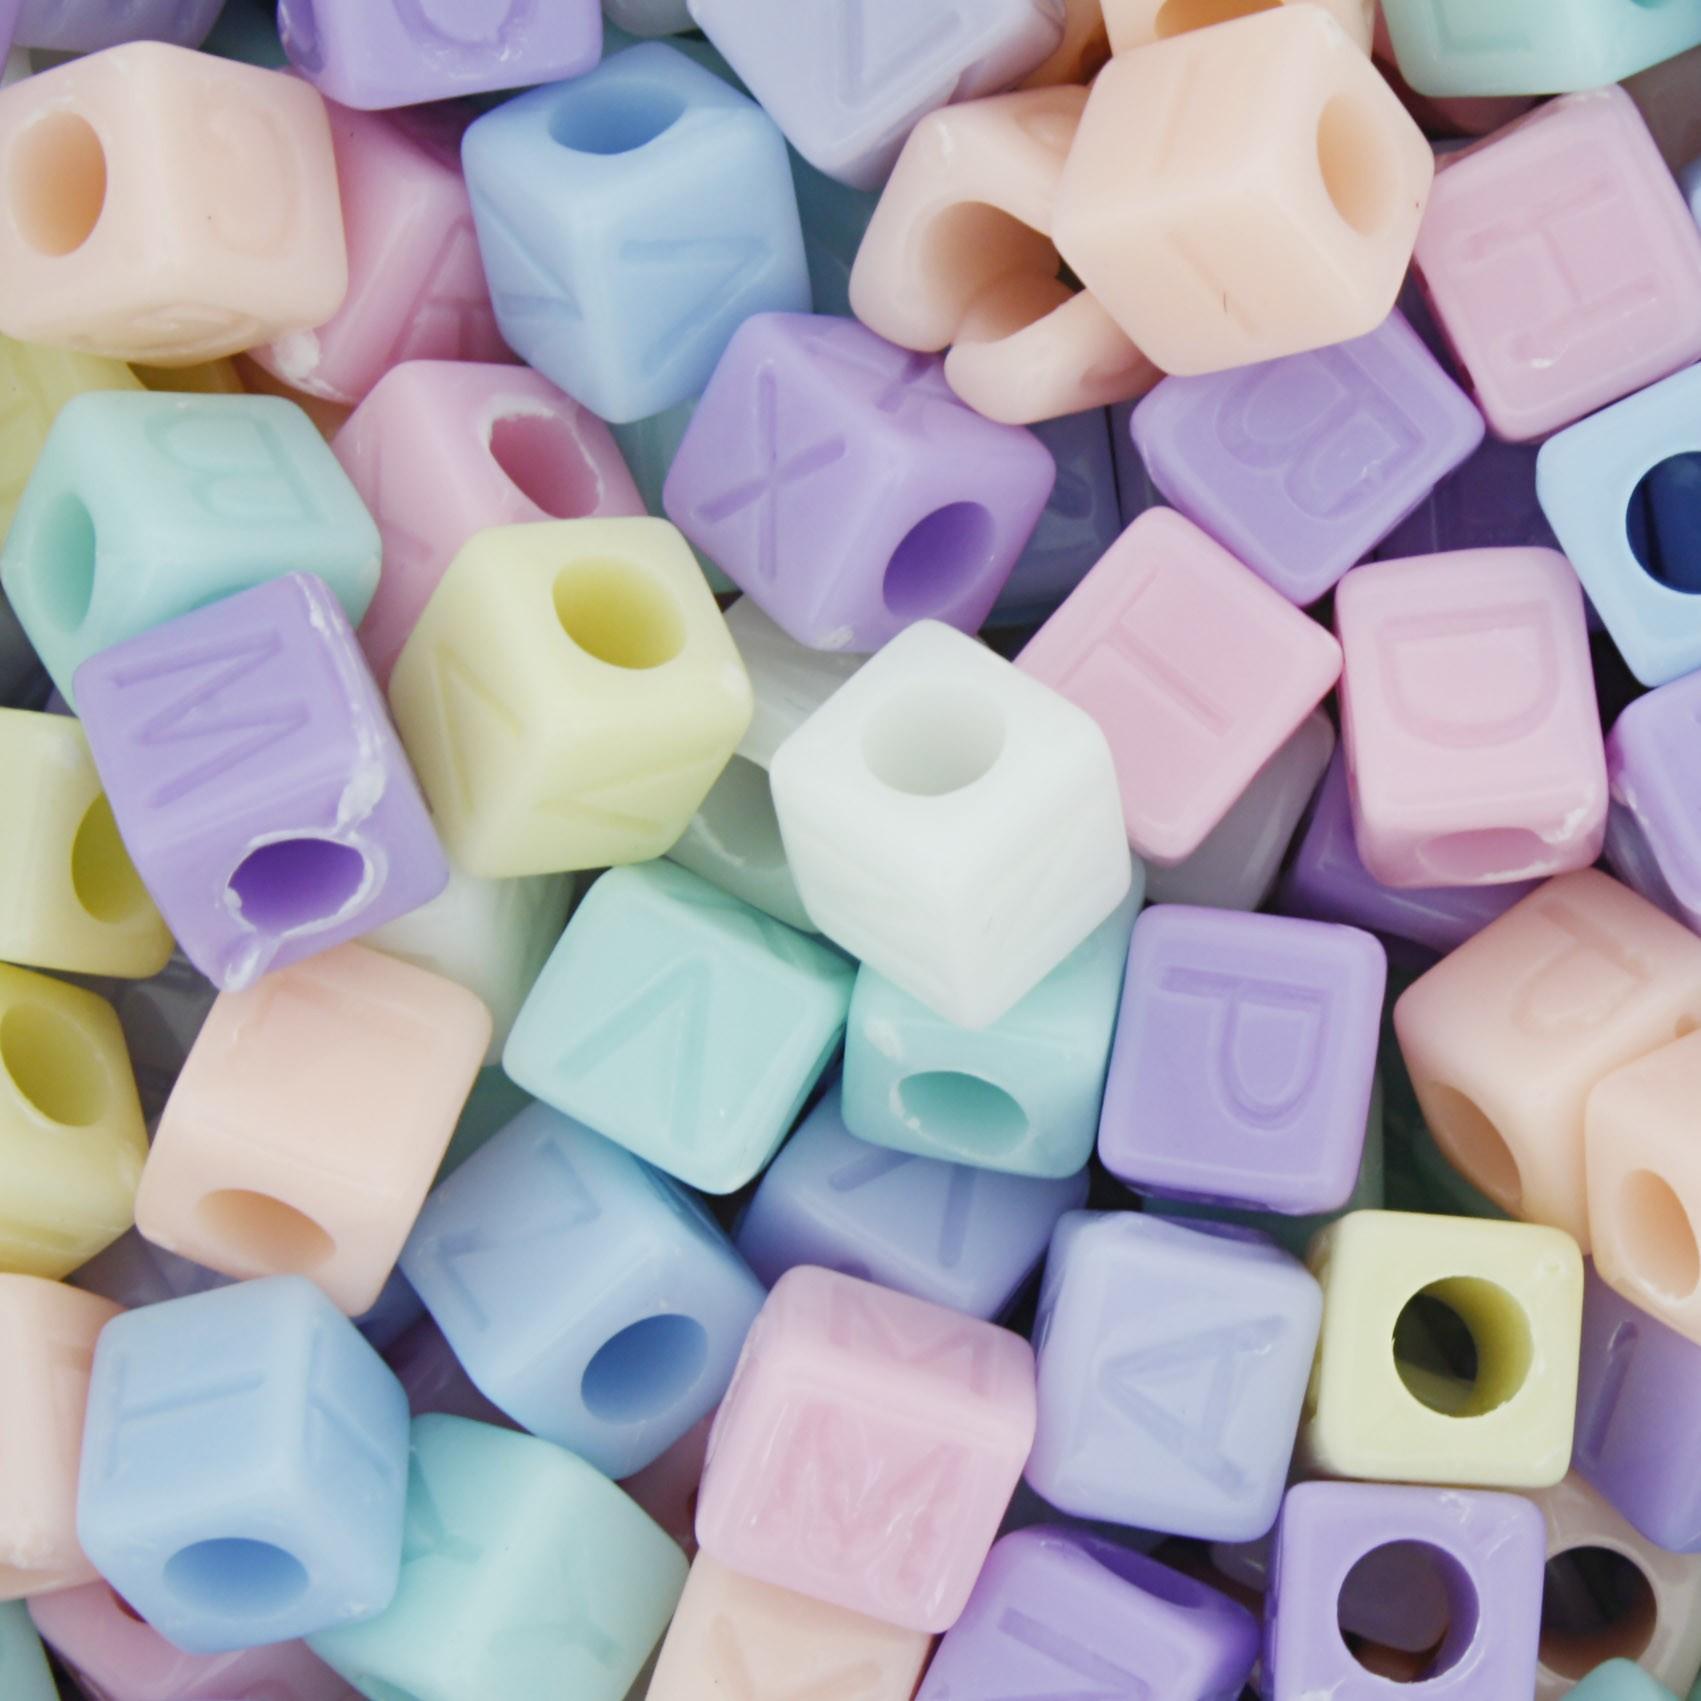 Miçanga - Letras Cubo Candy  - Stéphanie Bijoux® - Peças para Bijuterias e Artesanato